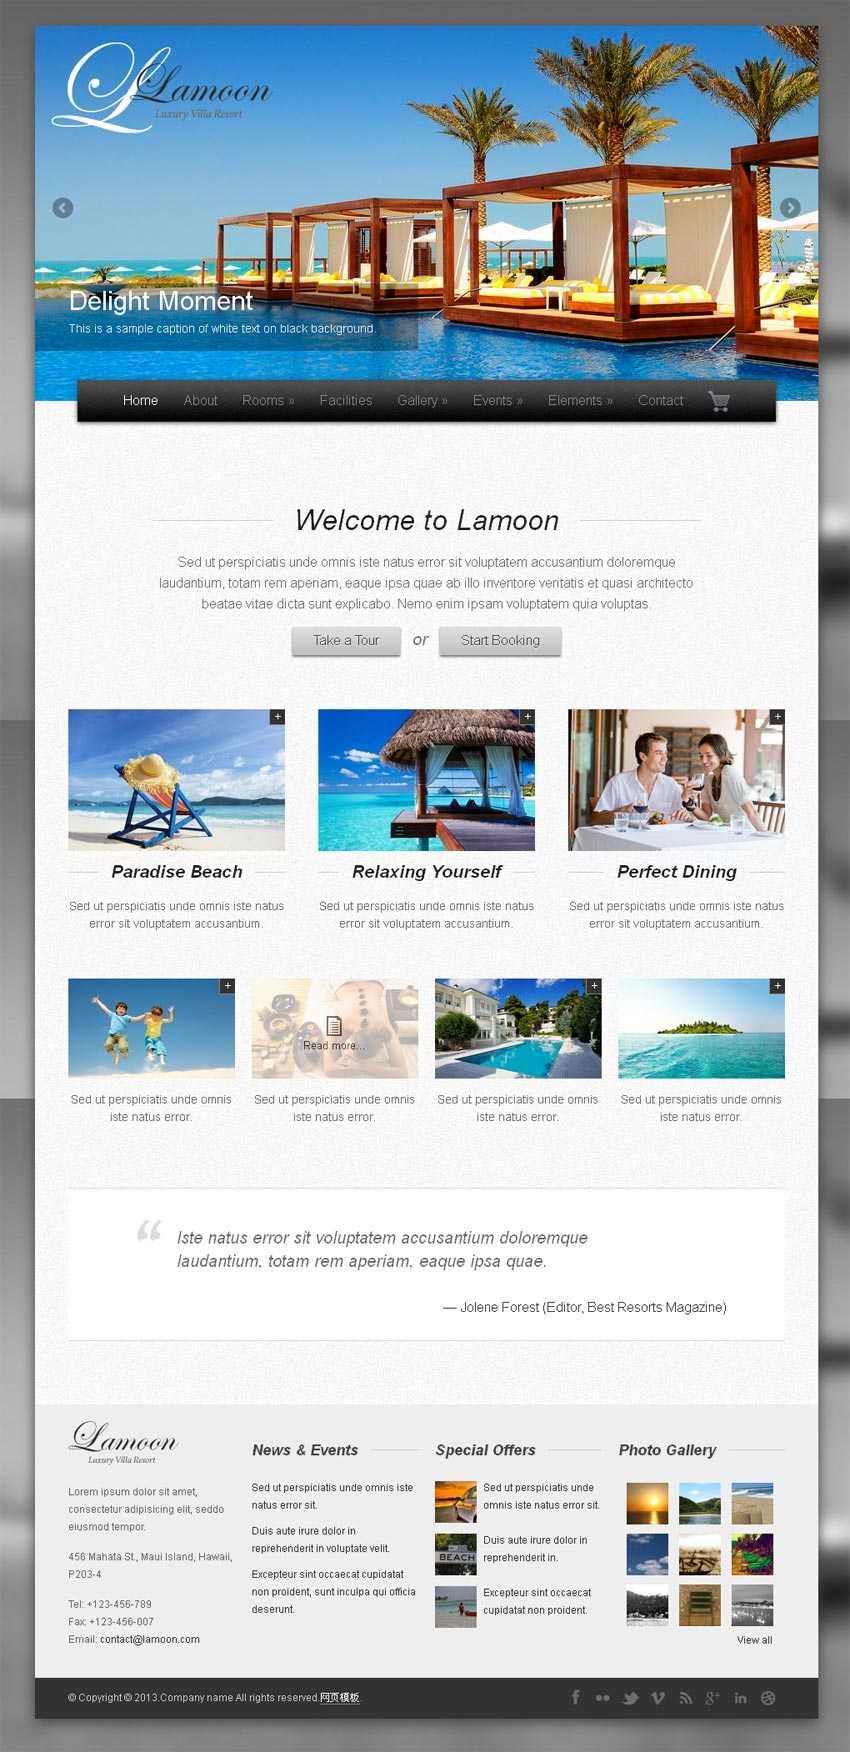 国外度假旅游网站响应式模板html整站下载